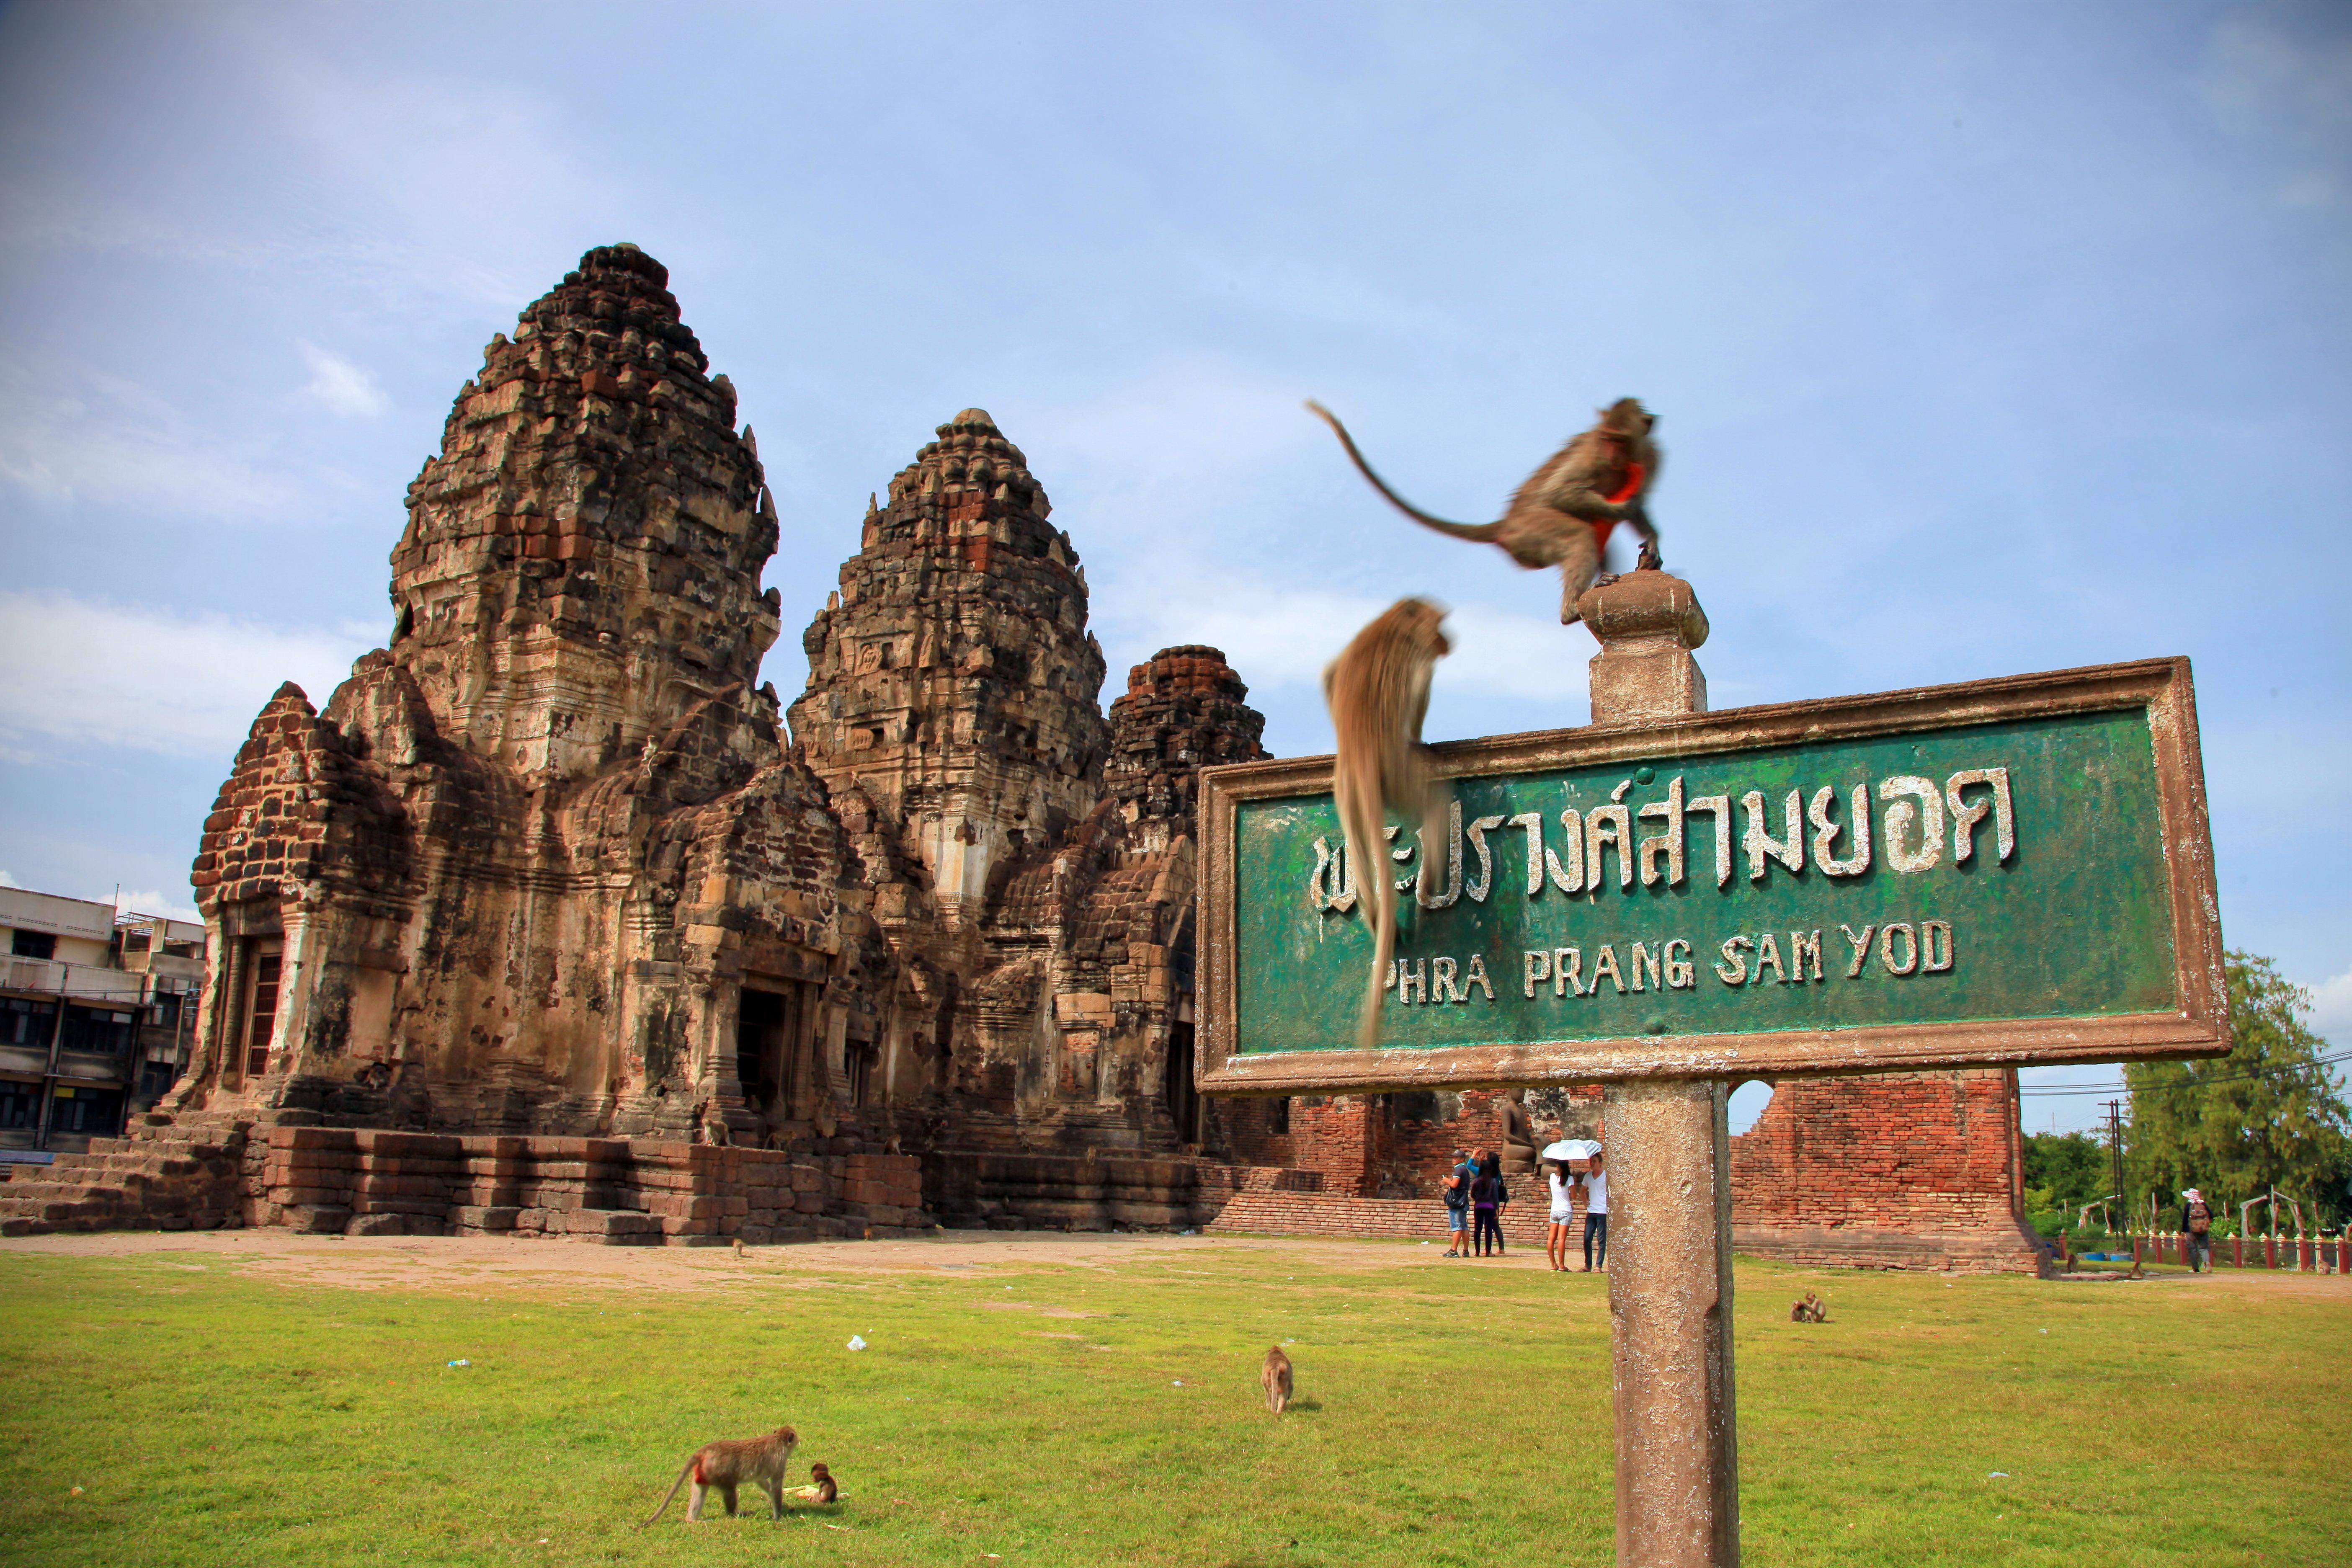 Una visita inolvidable a la Ciudad de los Monos - Tailandia Gran Viaje Alrededor de Tailandia